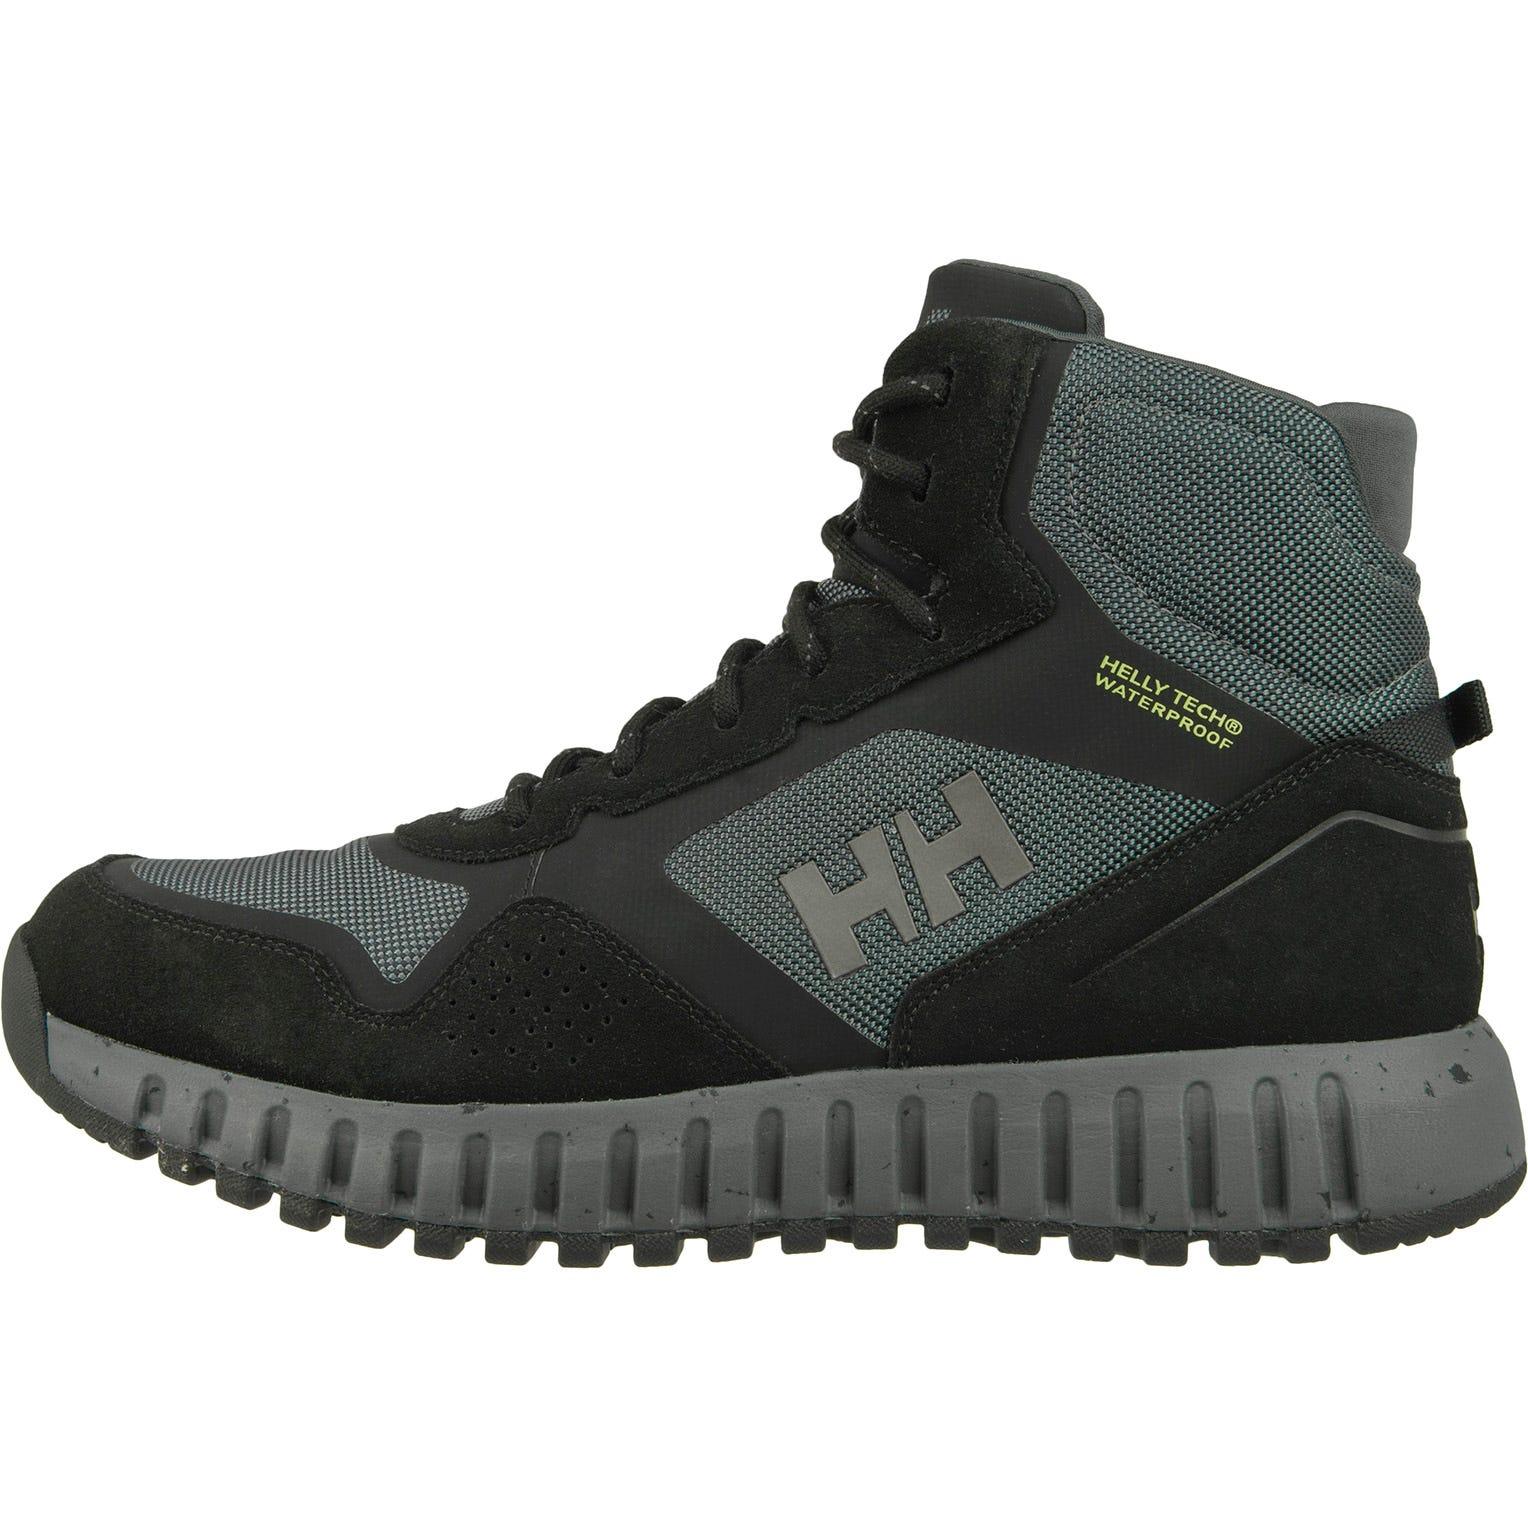 Helly Hansen Monashee Ullr Ht Mens Winter Boot Black 45/11